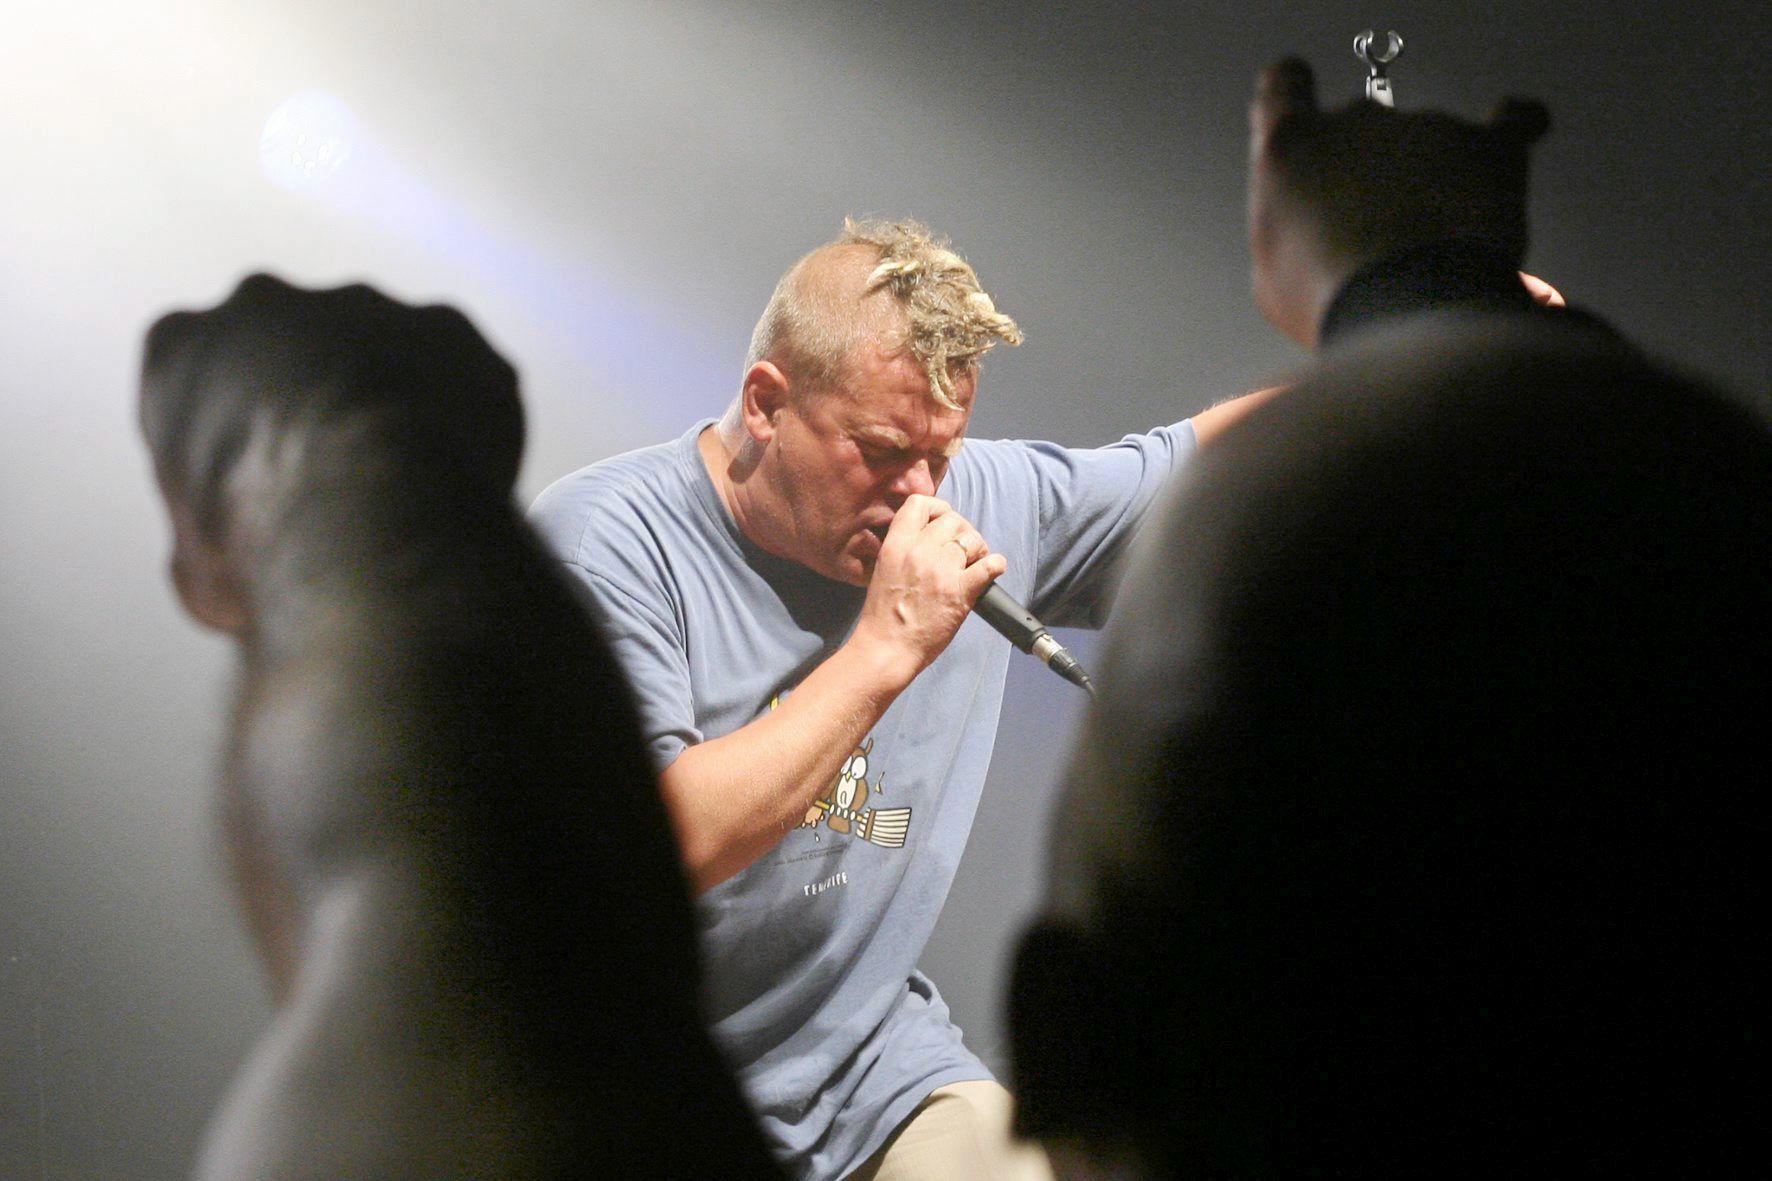 Koncert w Gorzowie Wielkopolskim, 2011 (fot. Daniel Adamski / Agencja Gazeta)